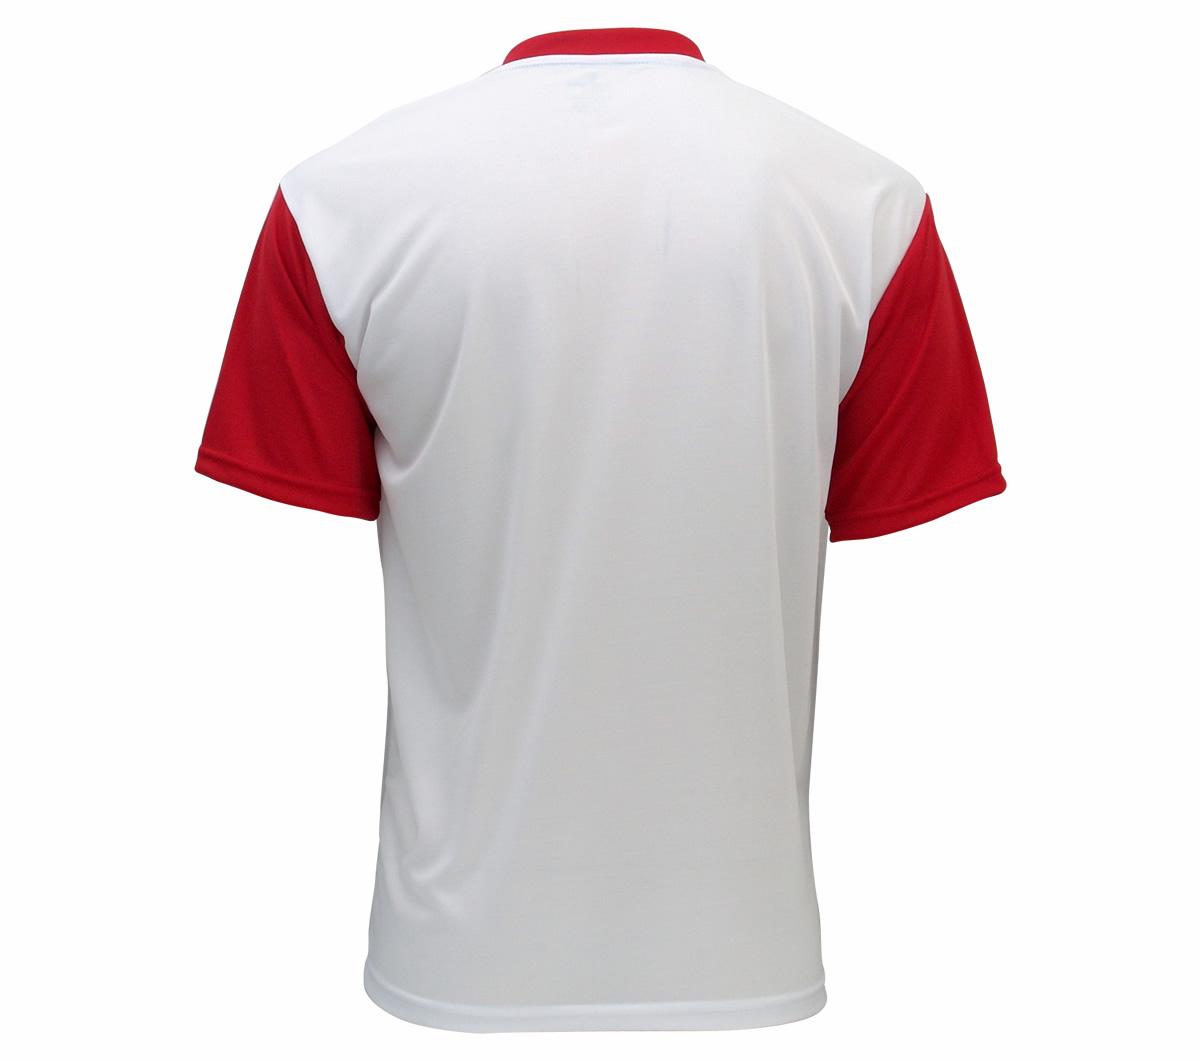 5e00d6559a Camisa Super Bolla Dallas Branca E Vermelha Mundo Do Futebol